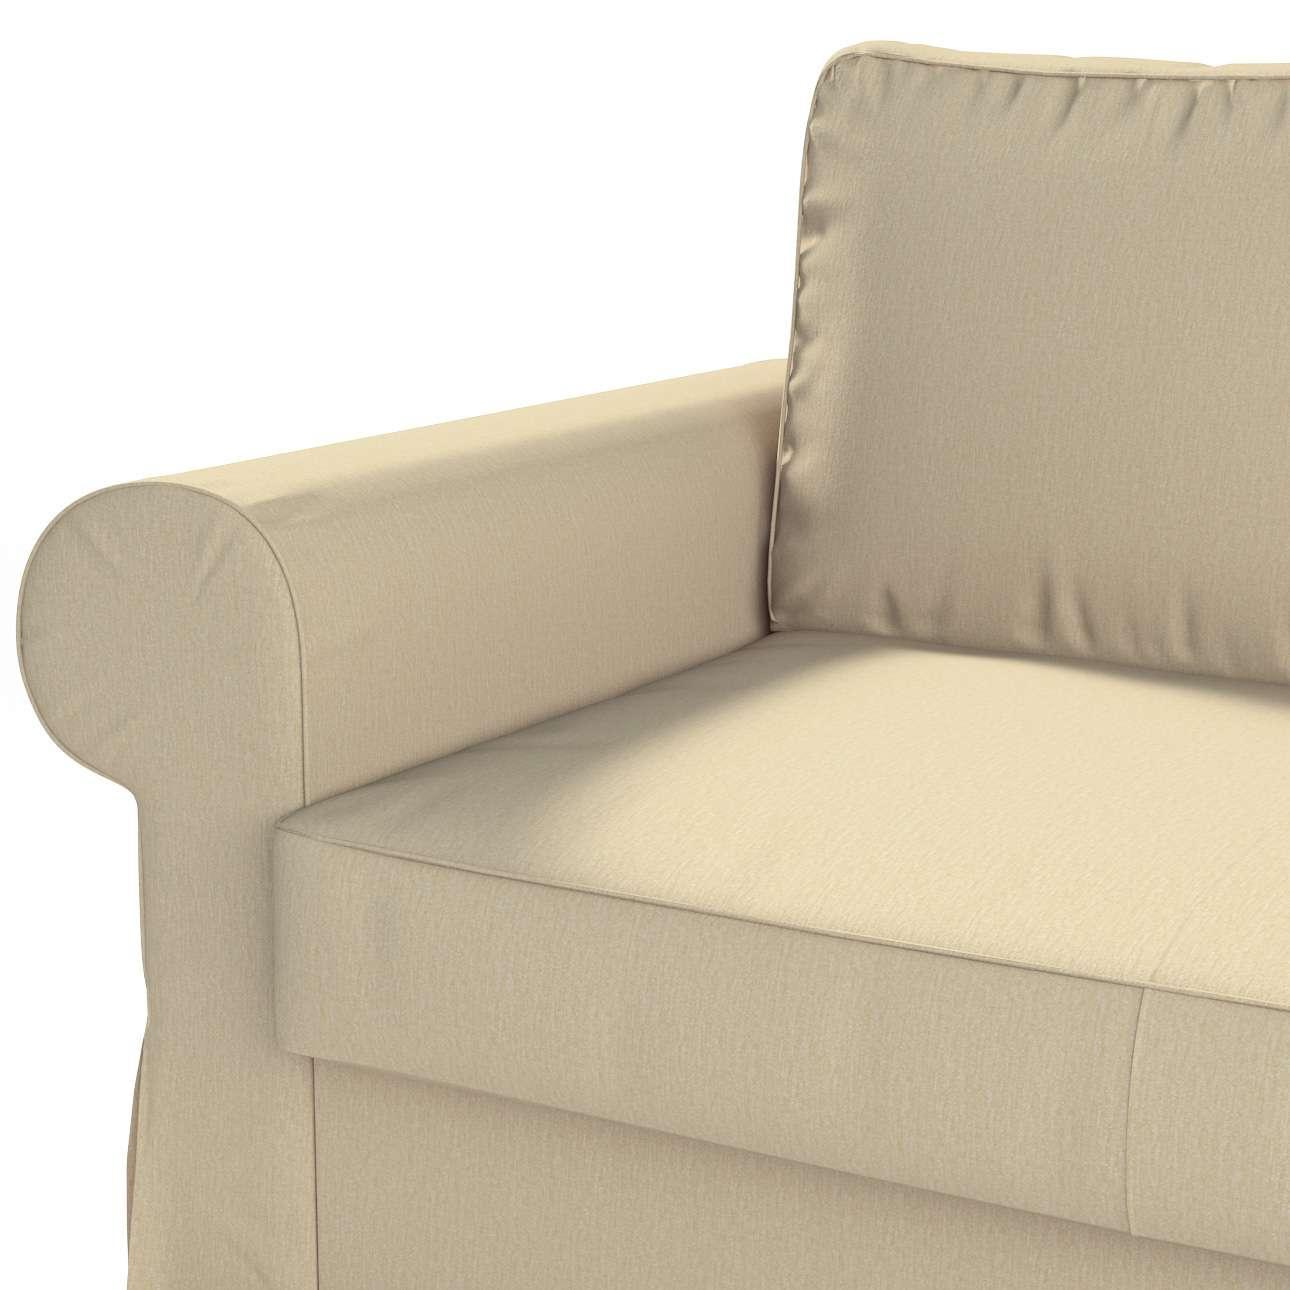 Pokrowiec na sofę Backabro 2-osobową rozkładaną w kolekcji Chenille, tkanina: 702-22